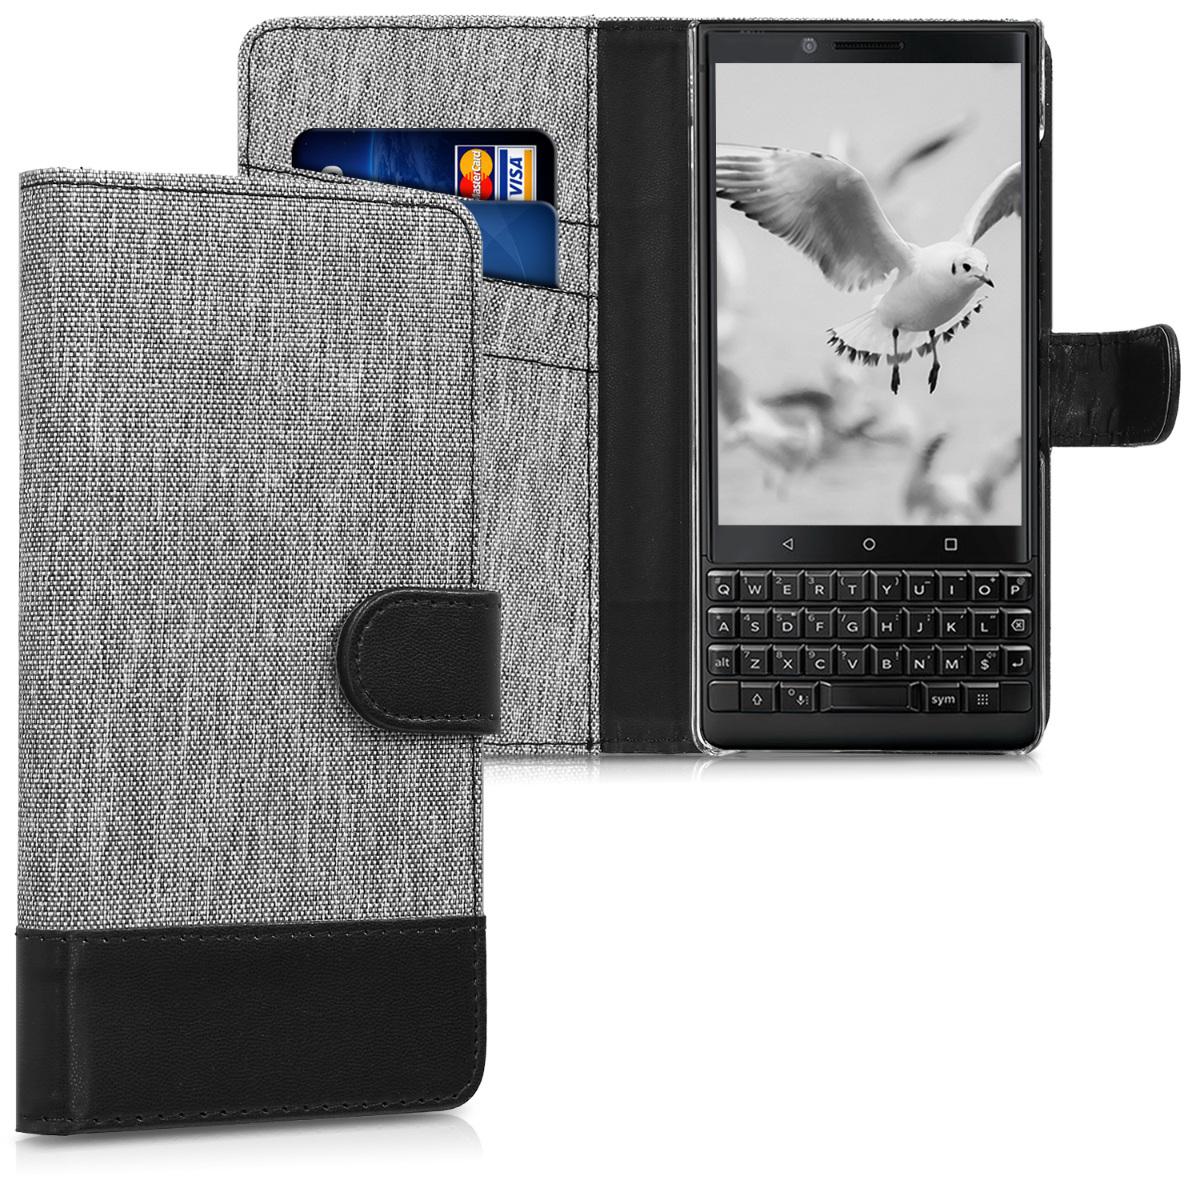 KW Θήκη-Πορτοφόλι Blackberry KEY2 - Grey / Black Canvas (45436.22)